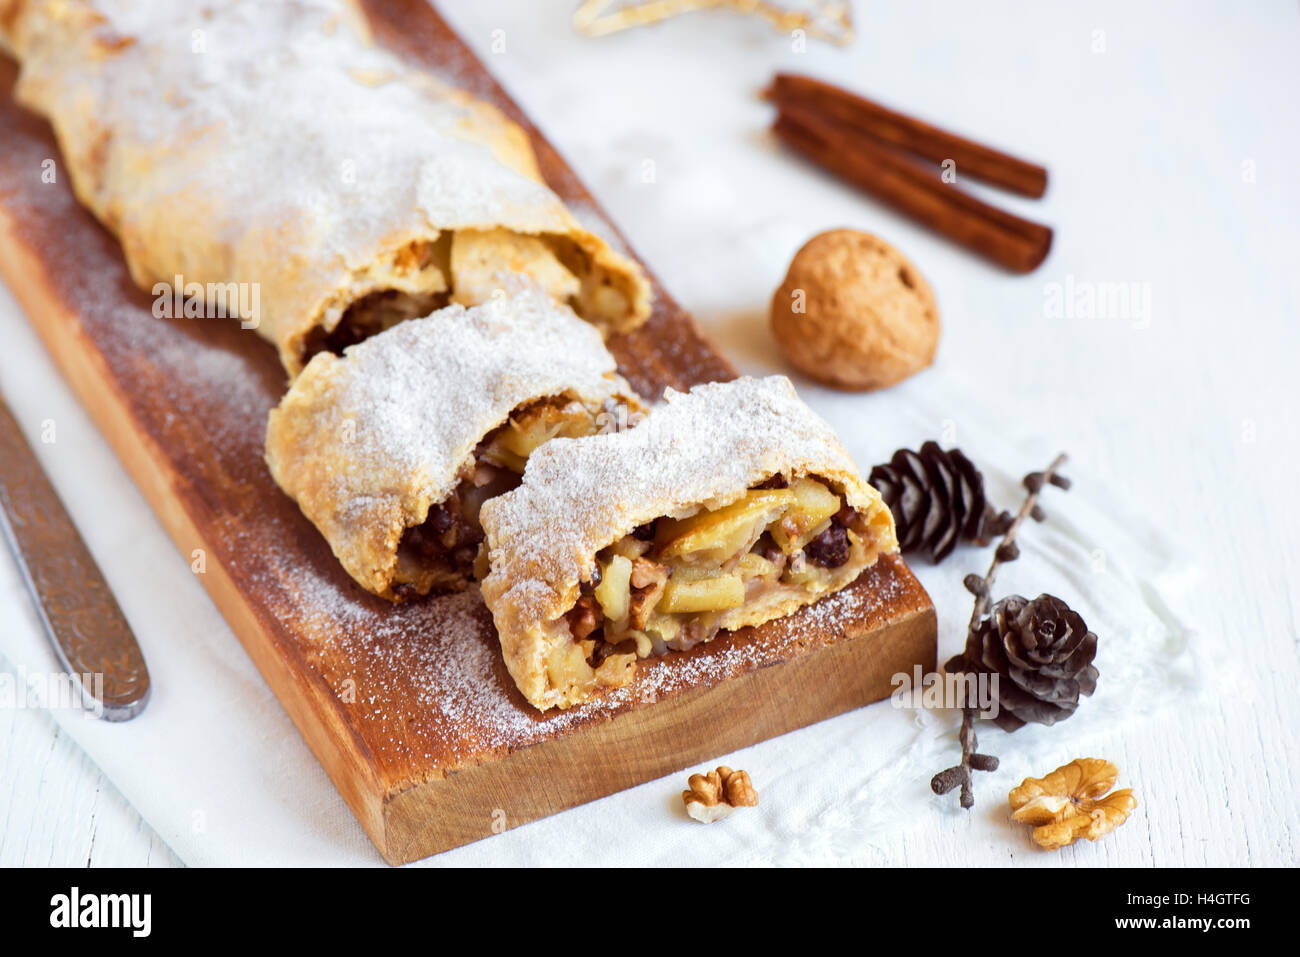 Natale dolci fatti in casa. Strudel di mele (torta) con uvetta, noci e zucchero in polvere con decorazioni di Natale Immagini Stock